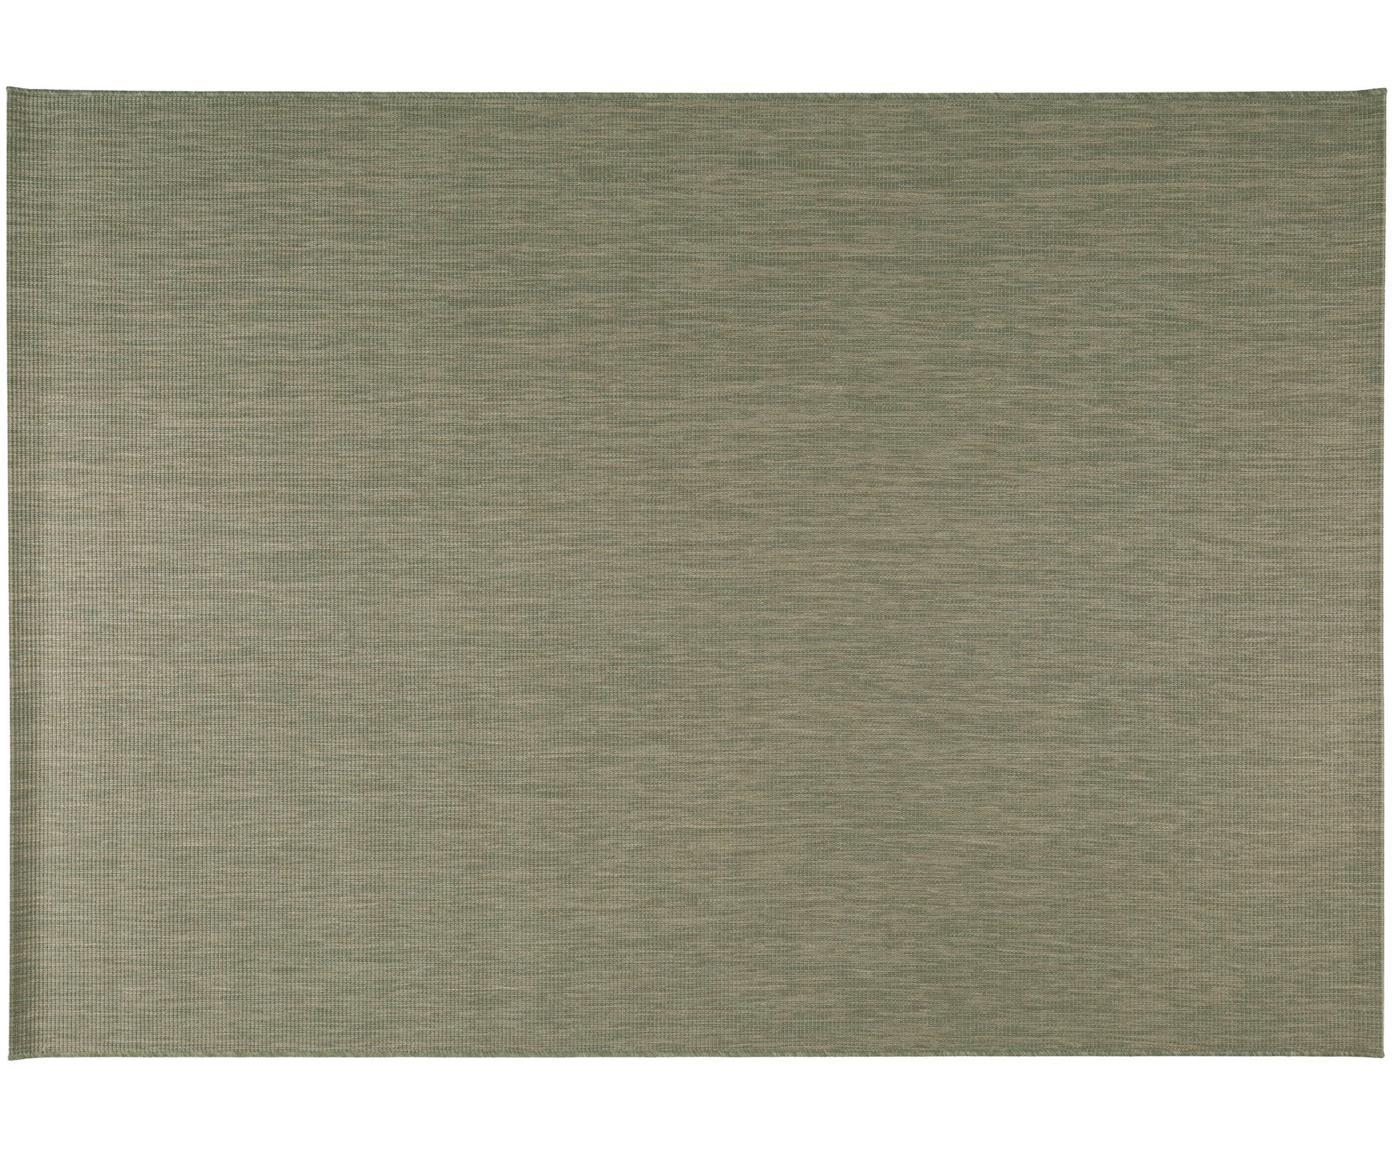 Tappeto da interno-esterno Metro, Polipropilene, Verde, Larg. 120 x Lung. 170 cm (taglia S)